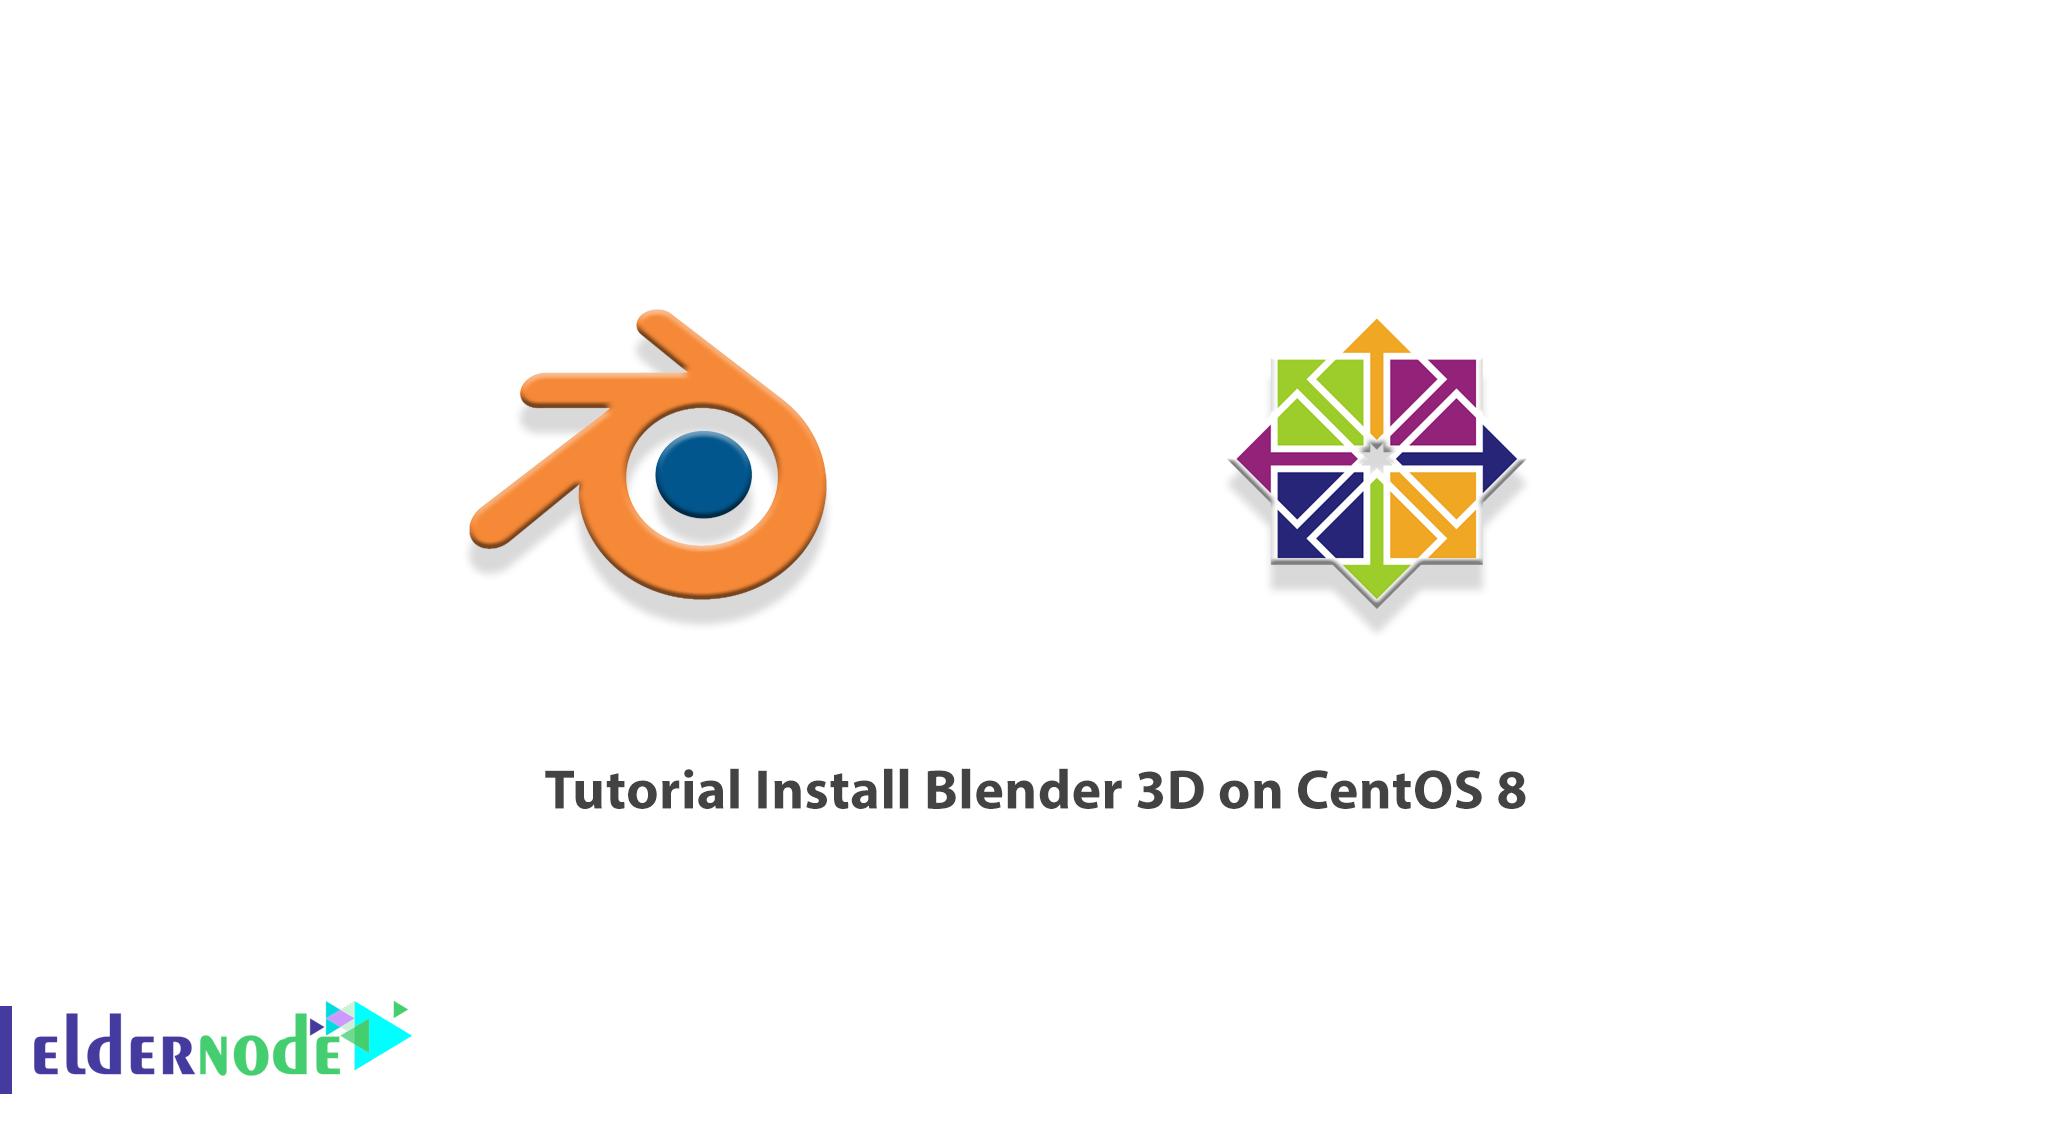 Tutorial Install Blender 3D on CentOS 8